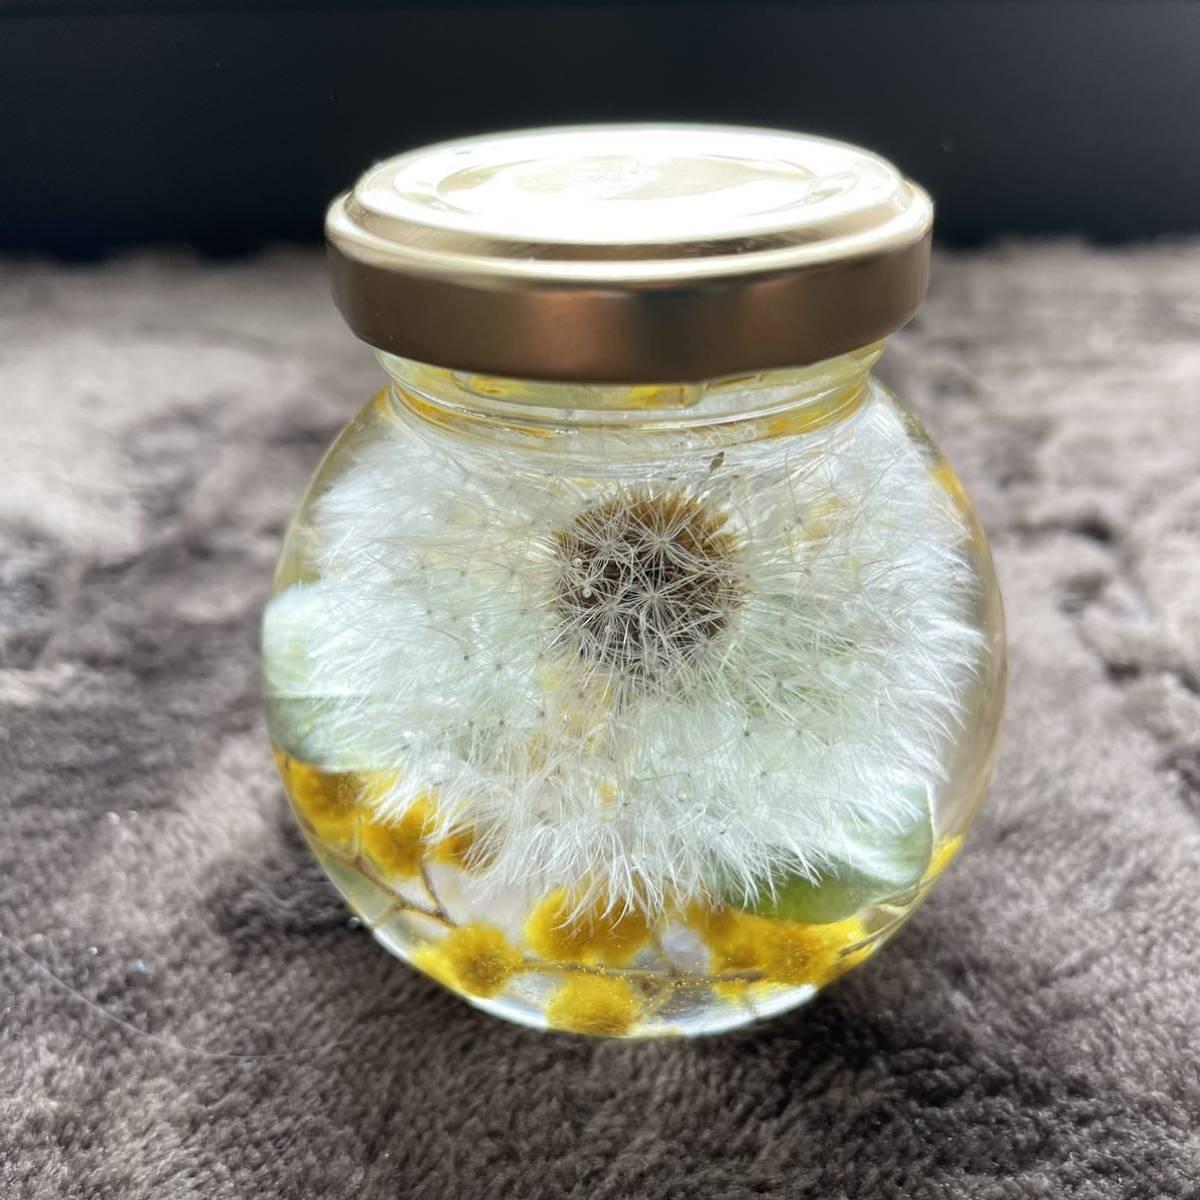 ハーバリウム たんぽぽ 綿毛 ミモザ イエロー 丸猫瓶 ギフト ドライフラワー 山野草_画像6